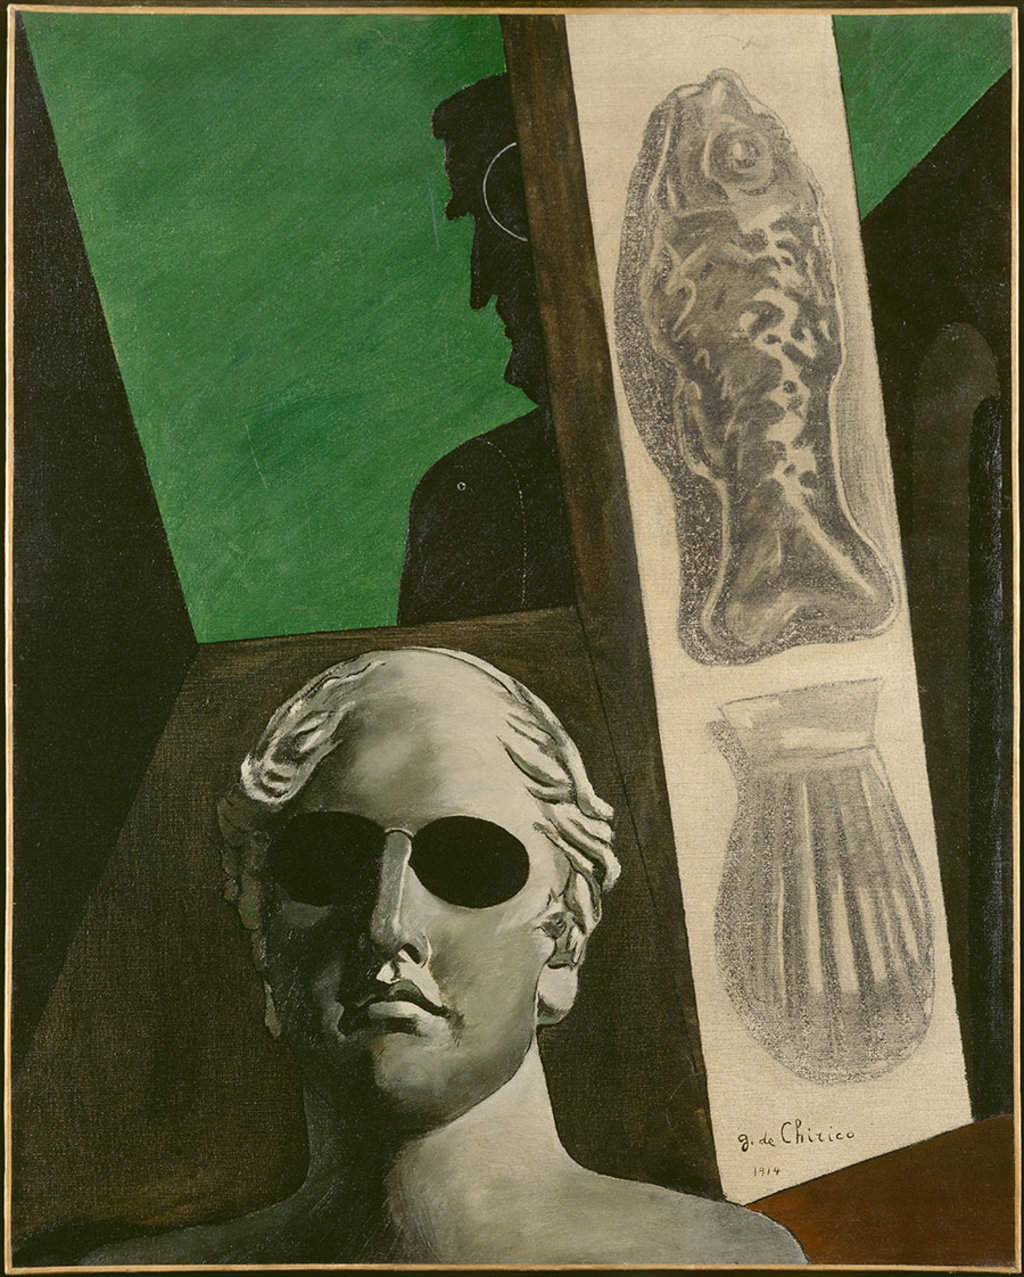 Giorgio de Chirico, Portrait (prémonitoire) de Guillaume Apollinaire, 1914,Paris, Musée National d